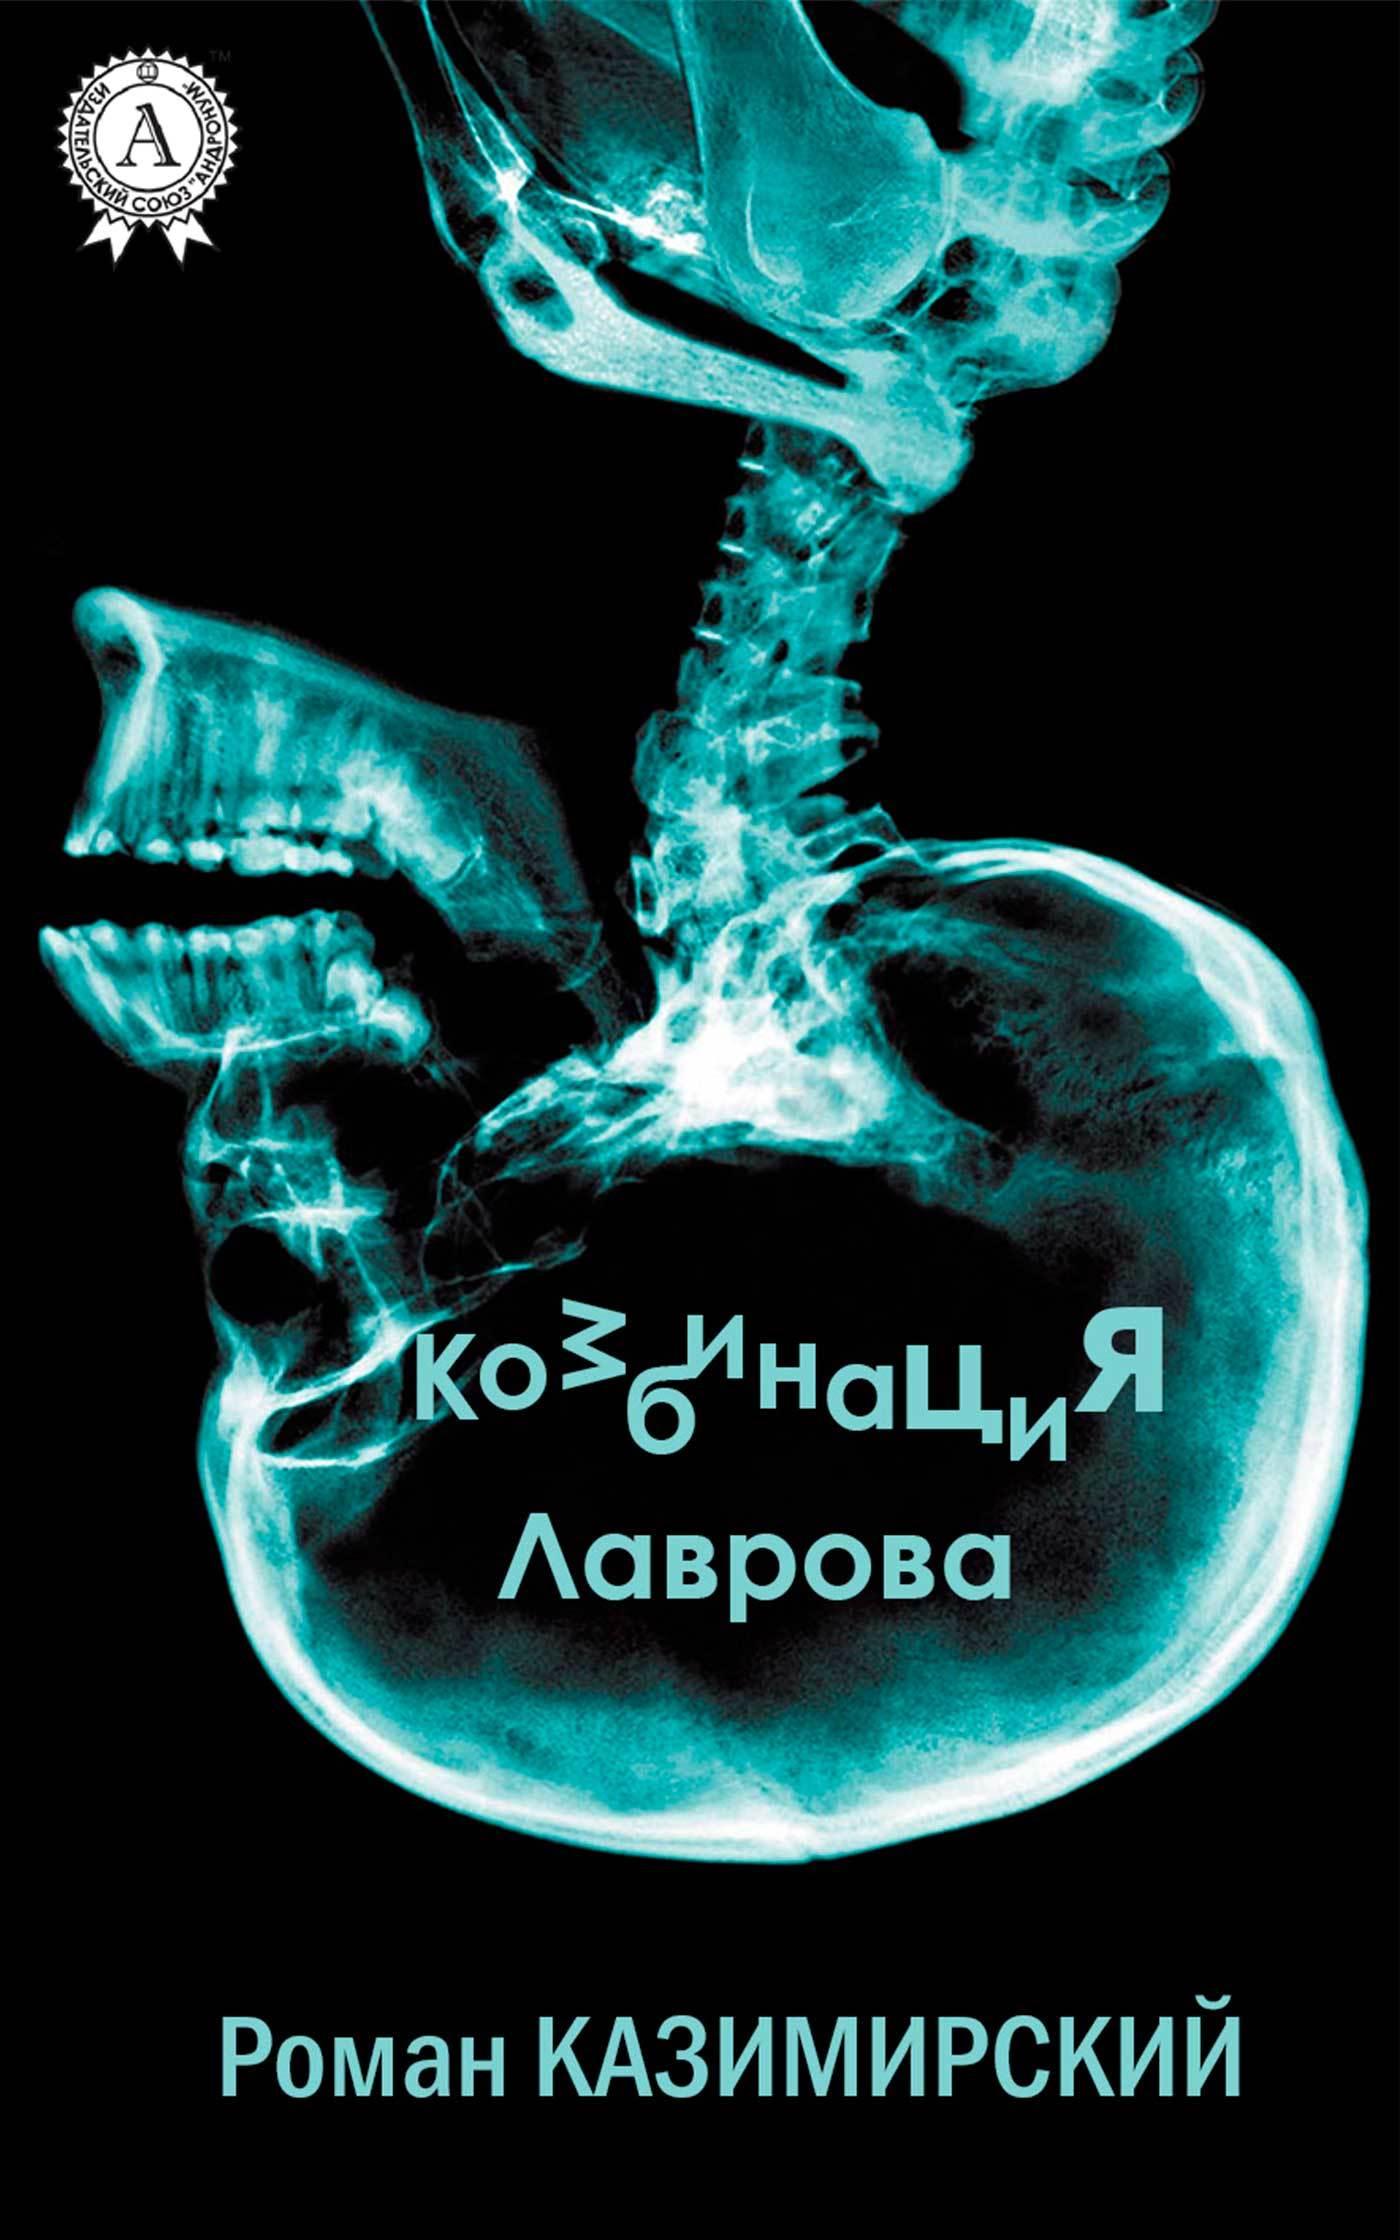 Роман Казимирский